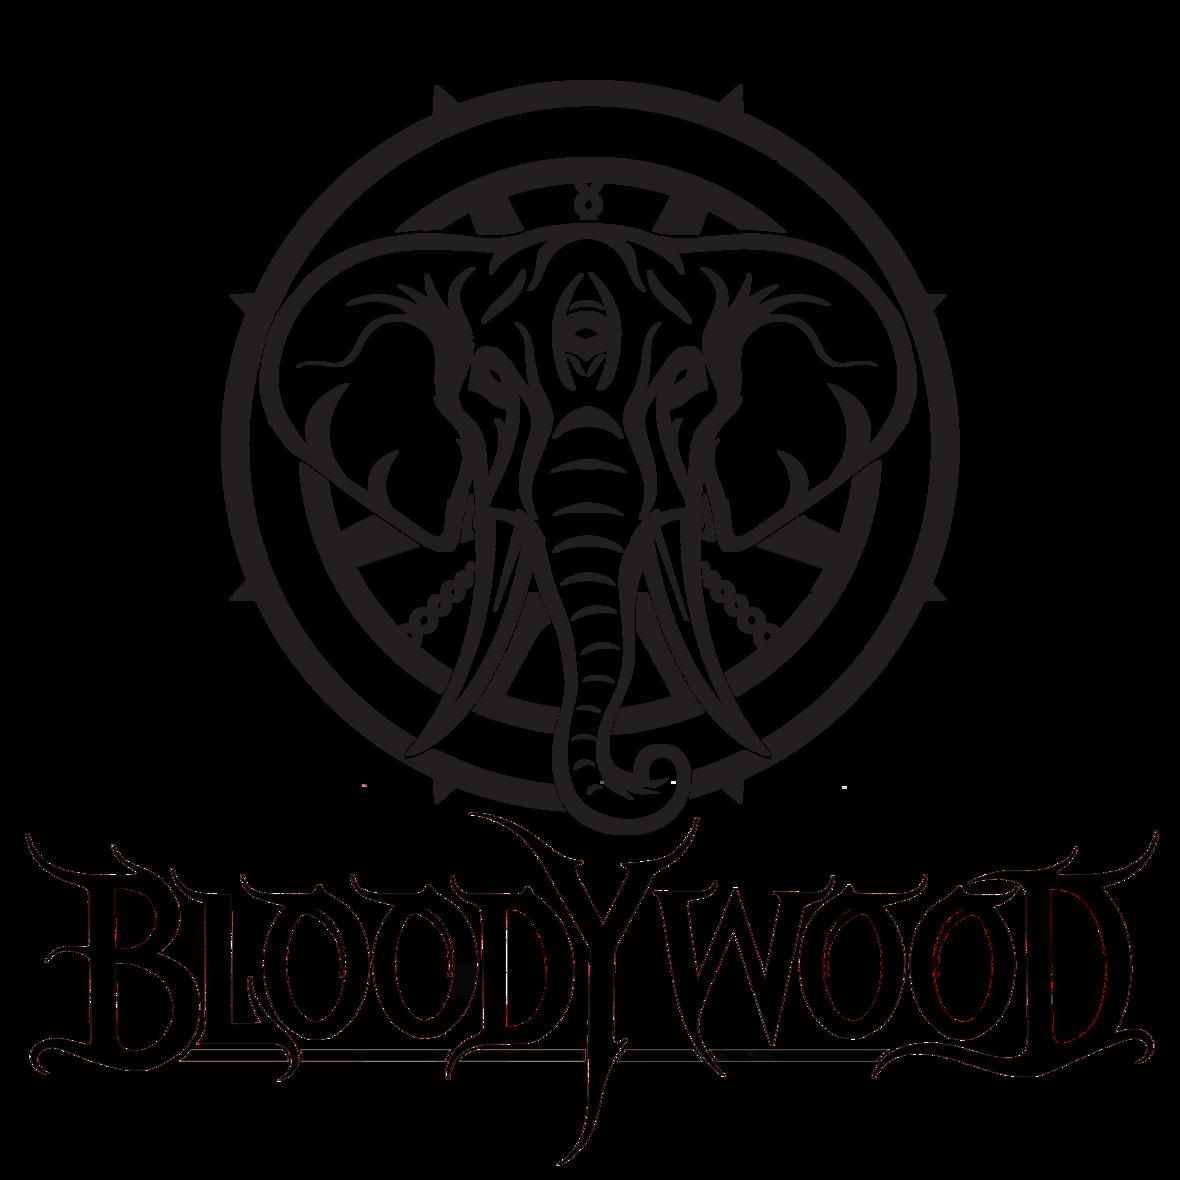 Elephant Text Logo